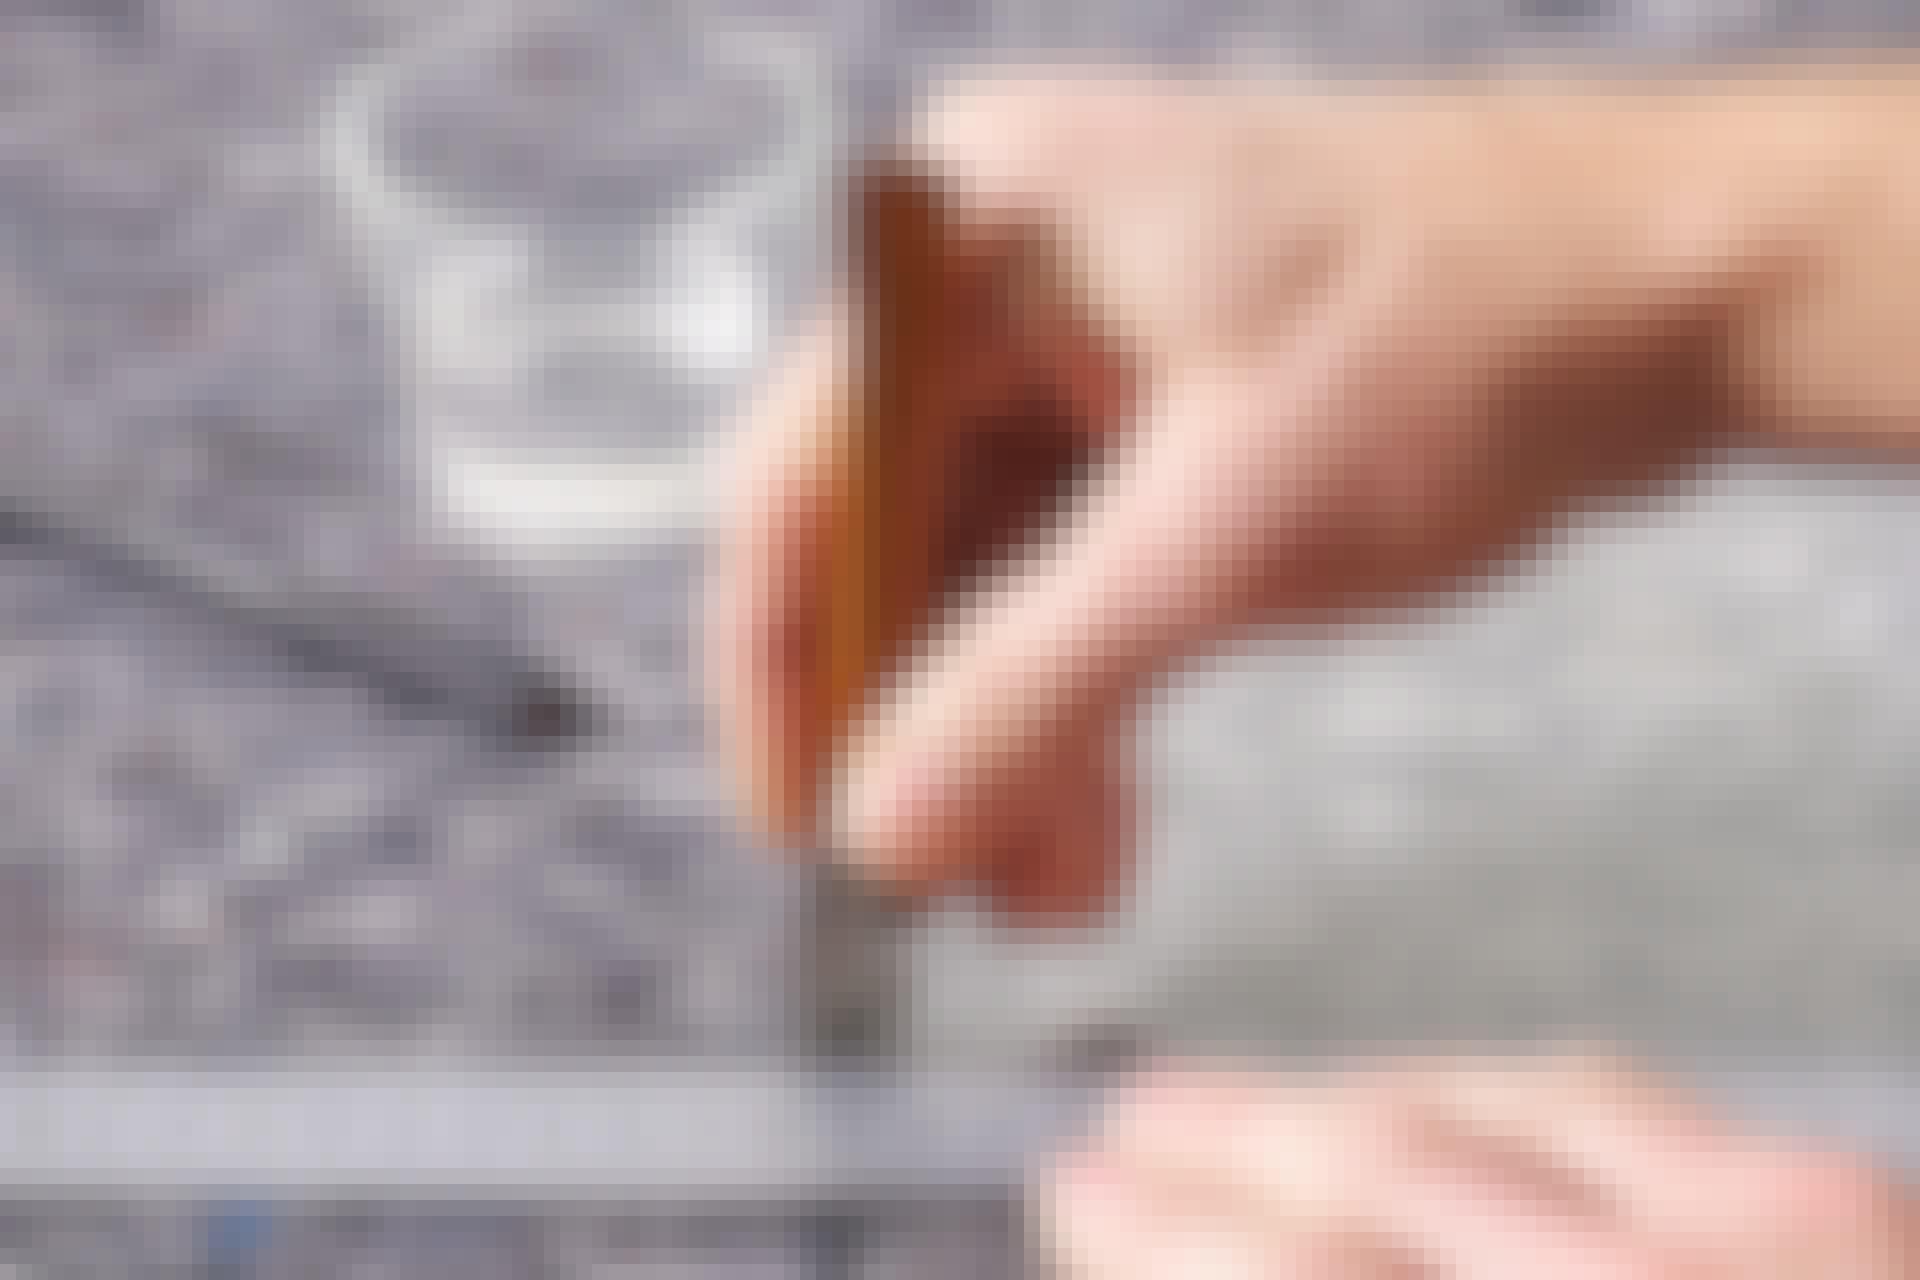 Oikea tekniikka löytyy yleensä vasta parin yrityksen jälkeen. Lasin leikkaamista kannattaa harjoitella aluksi pienellä palasella.